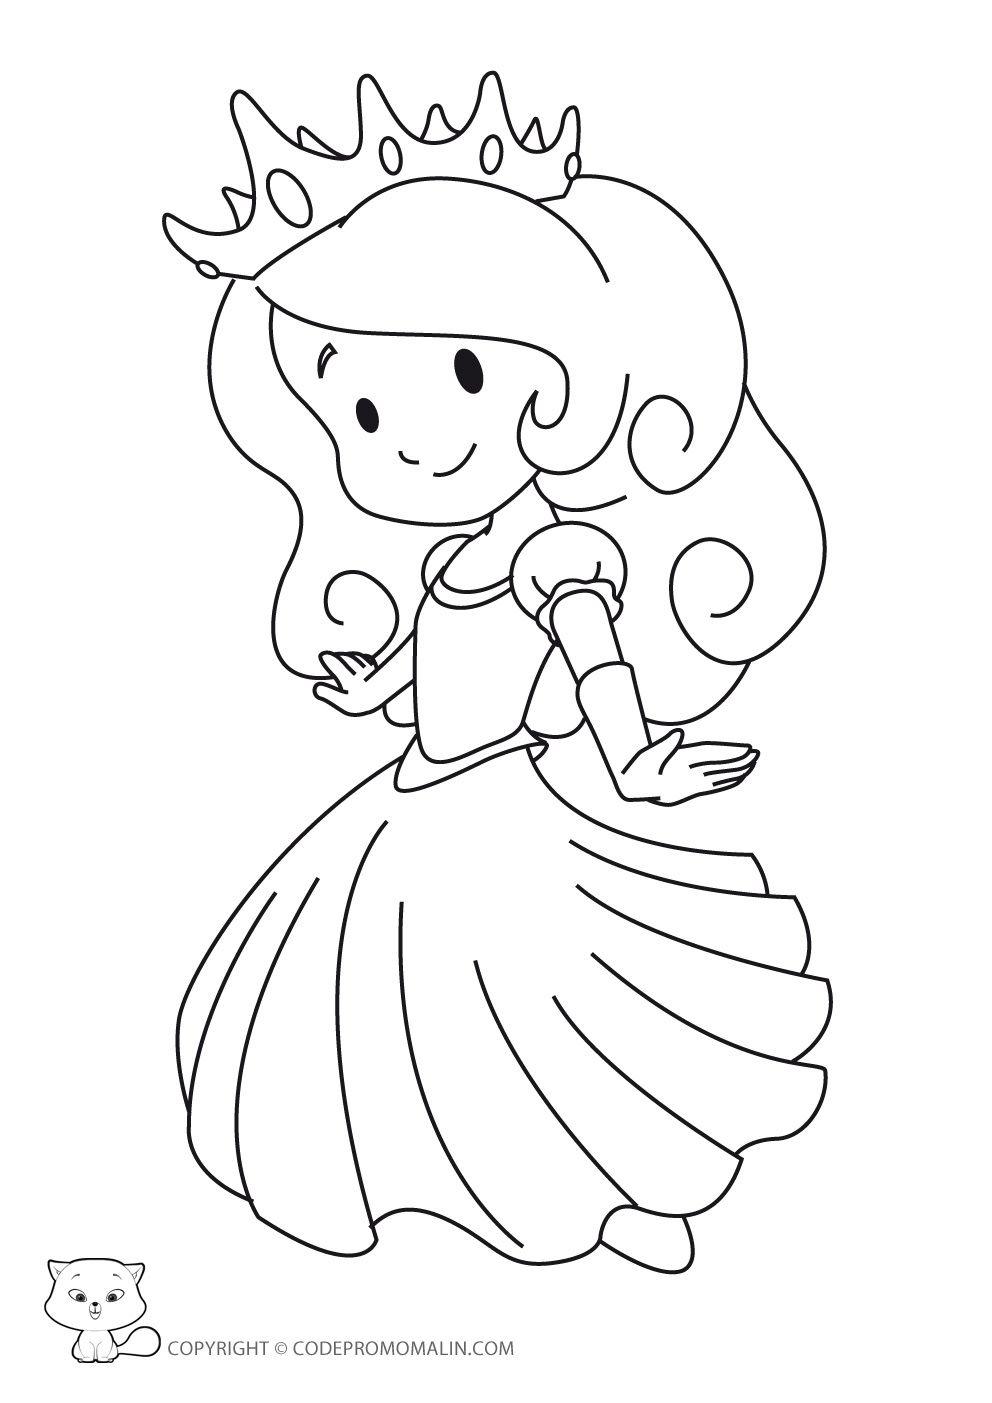 Nos Jeux De Coloriage Princesse À Imprimer Gratuit | Coloriage Chevalier, Coloriage Princesse serapportantà Jeux De Coloriage